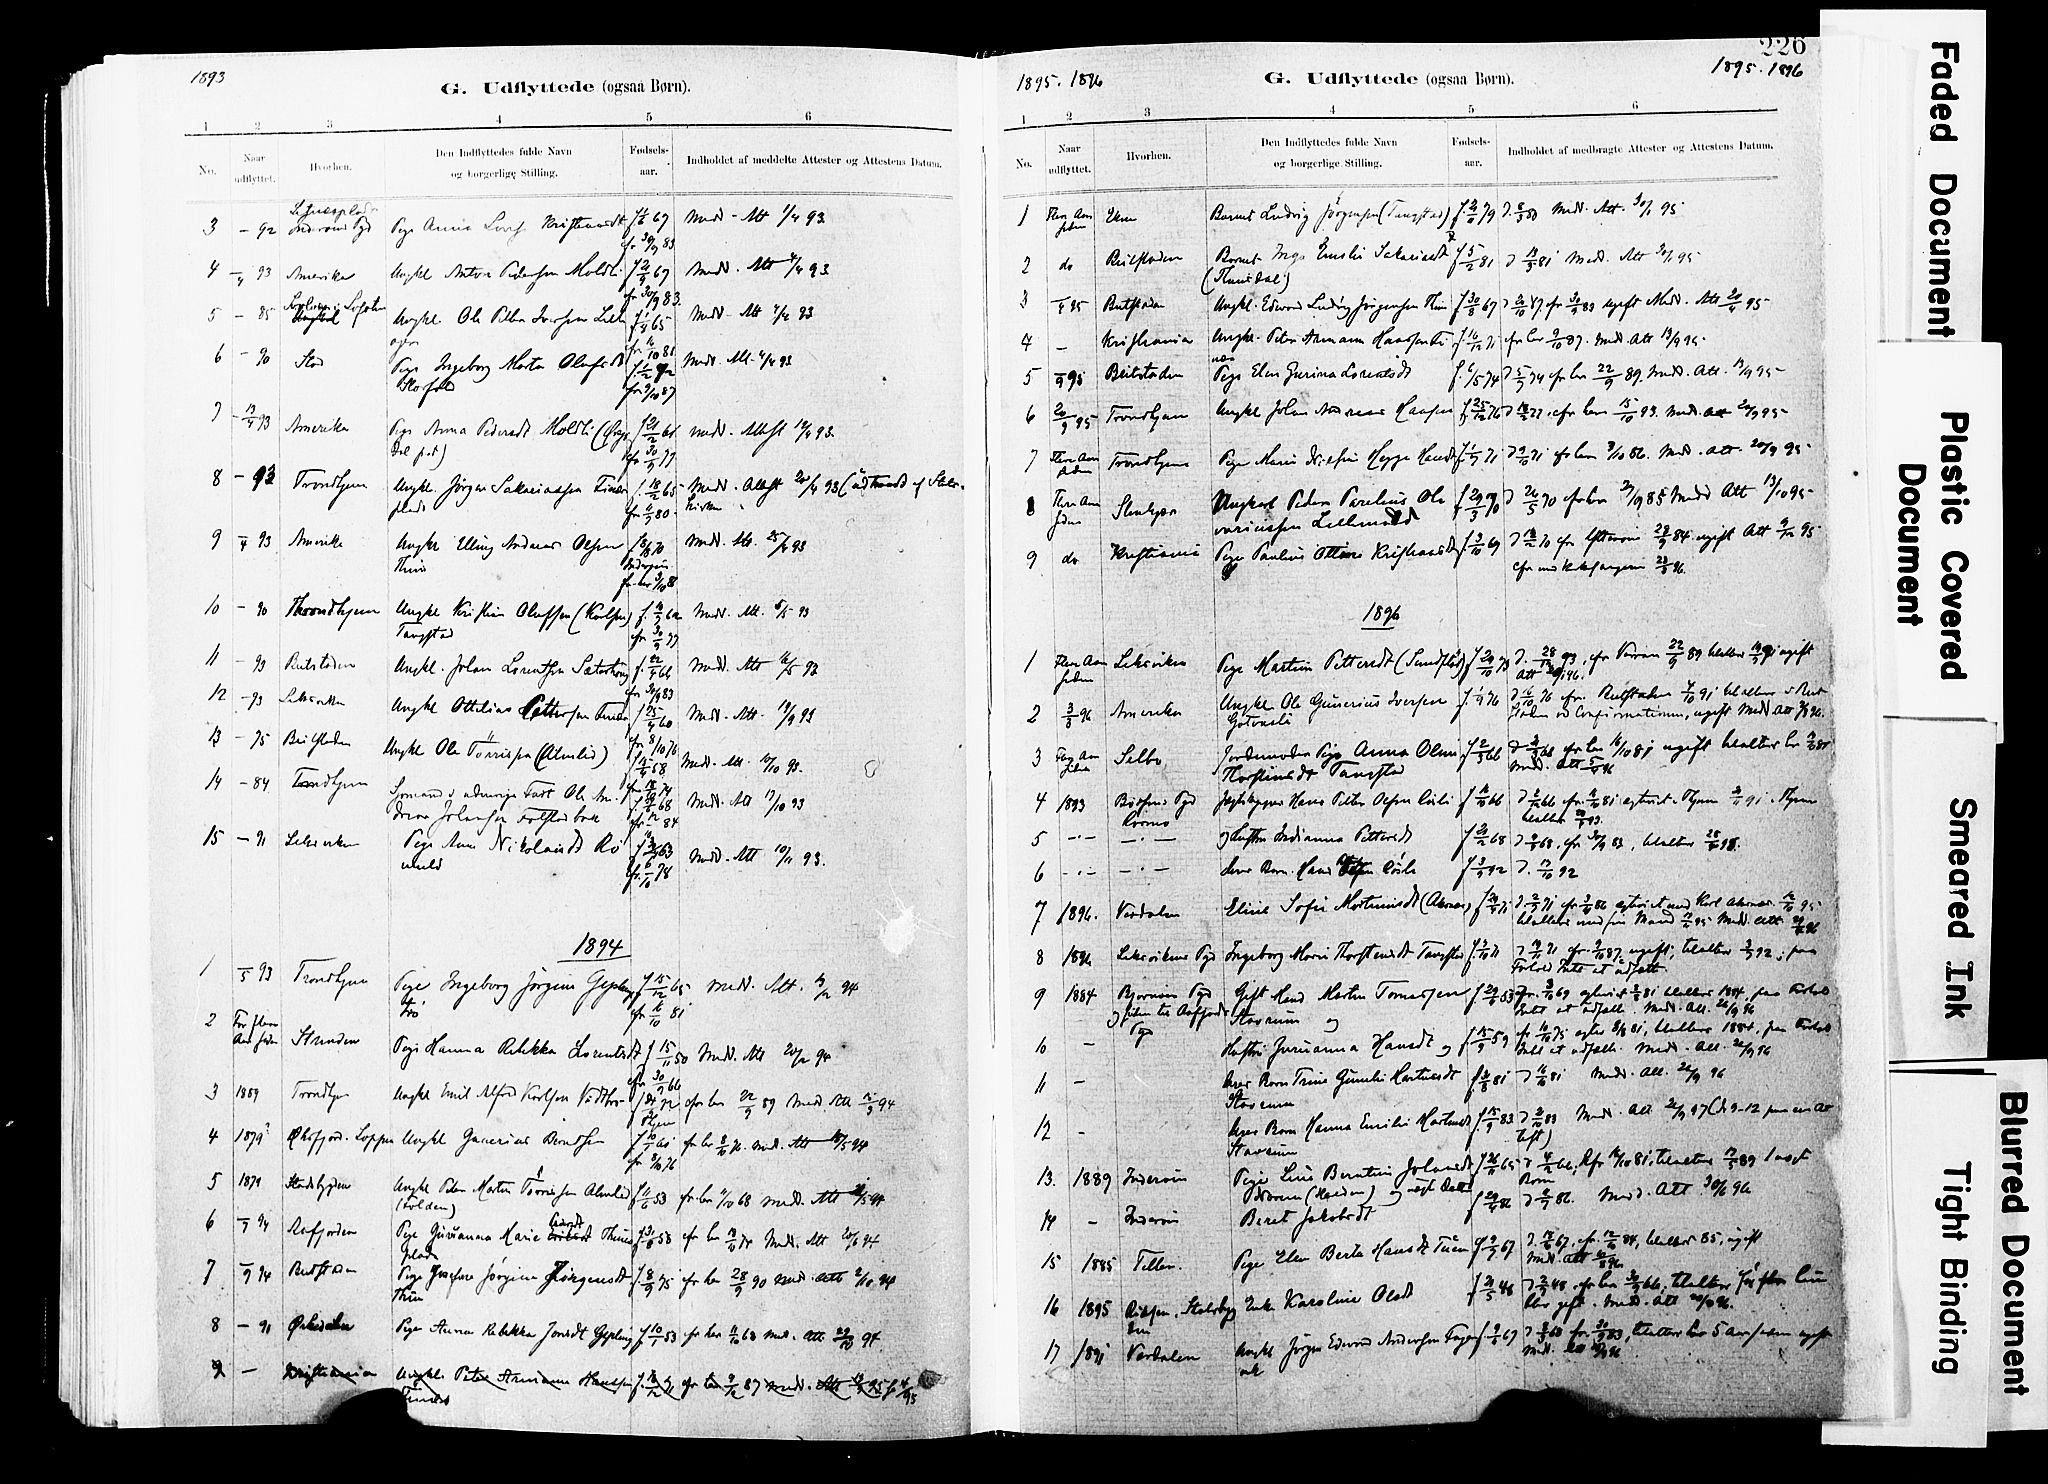 SAT, Ministerialprotokoller, klokkerbøker og fødselsregistre - Nord-Trøndelag, 744/L0420: Ministerialbok nr. 744A04, 1882-1904, s. 226